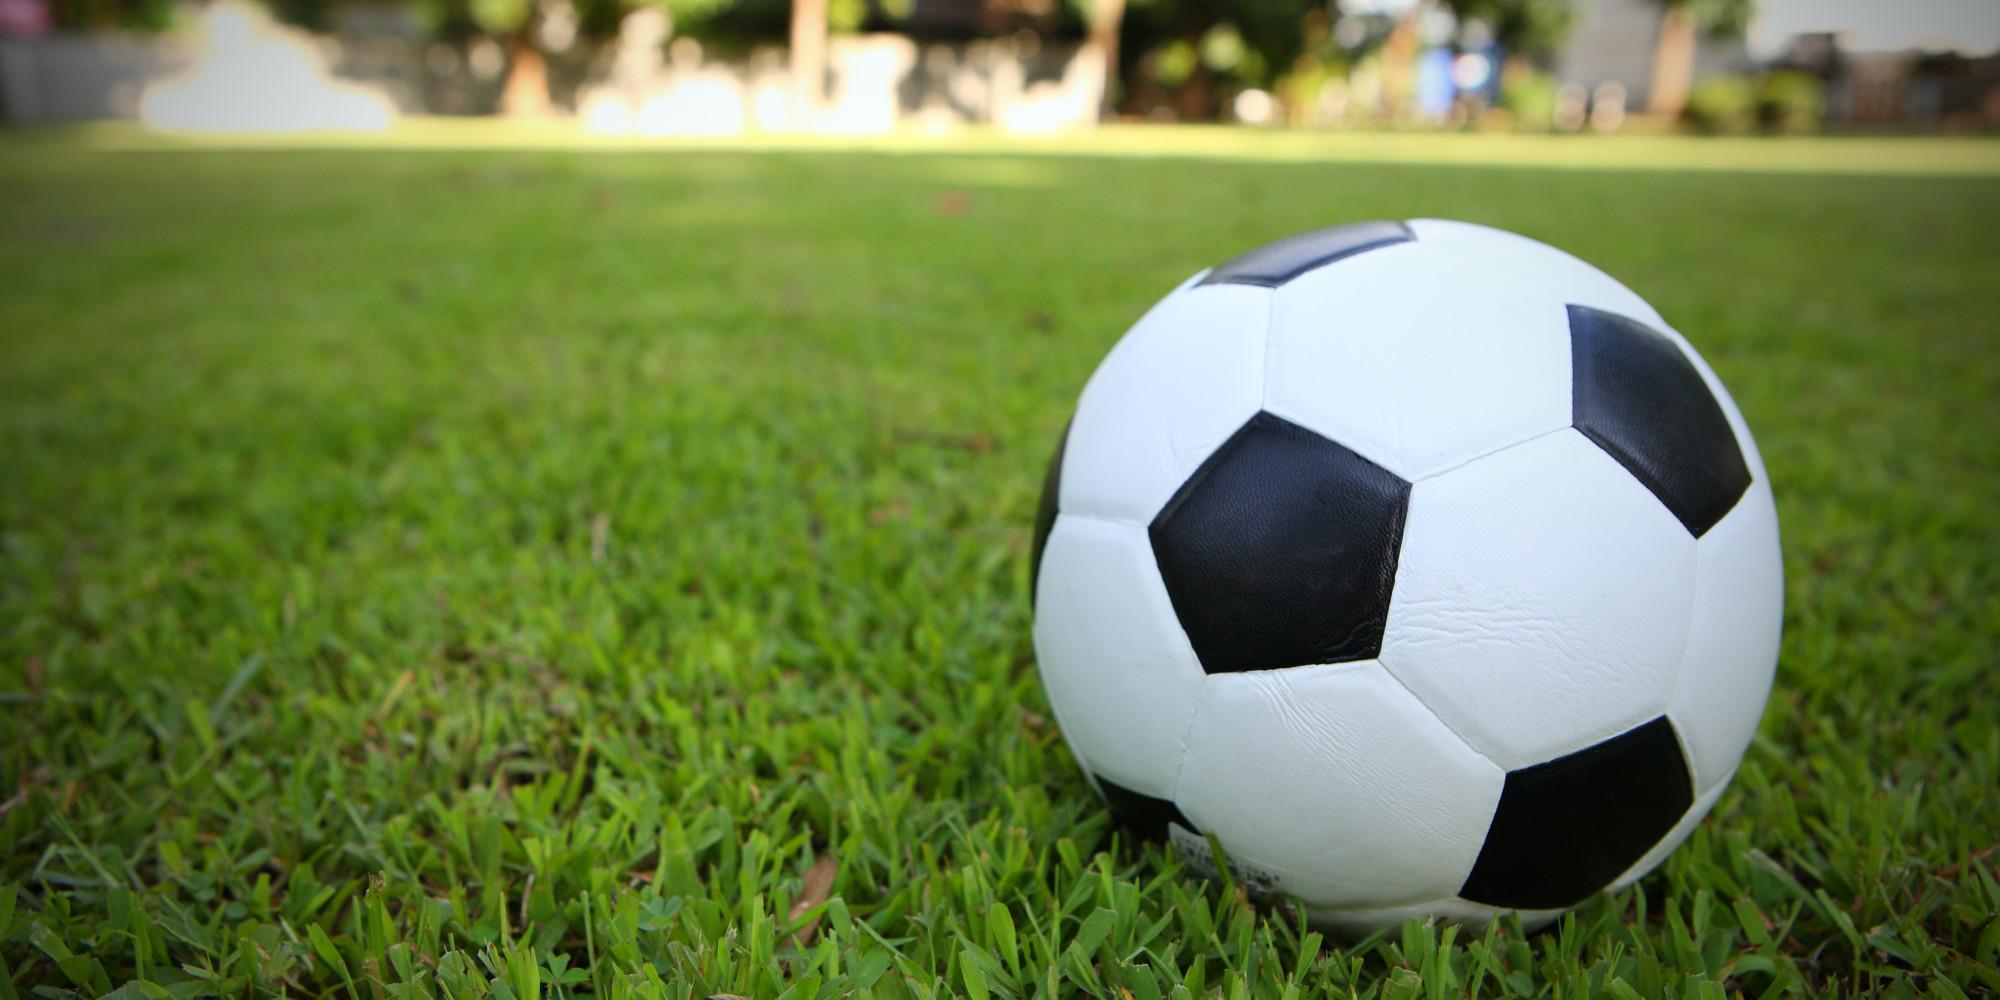 Pelota de Soccer en la grama